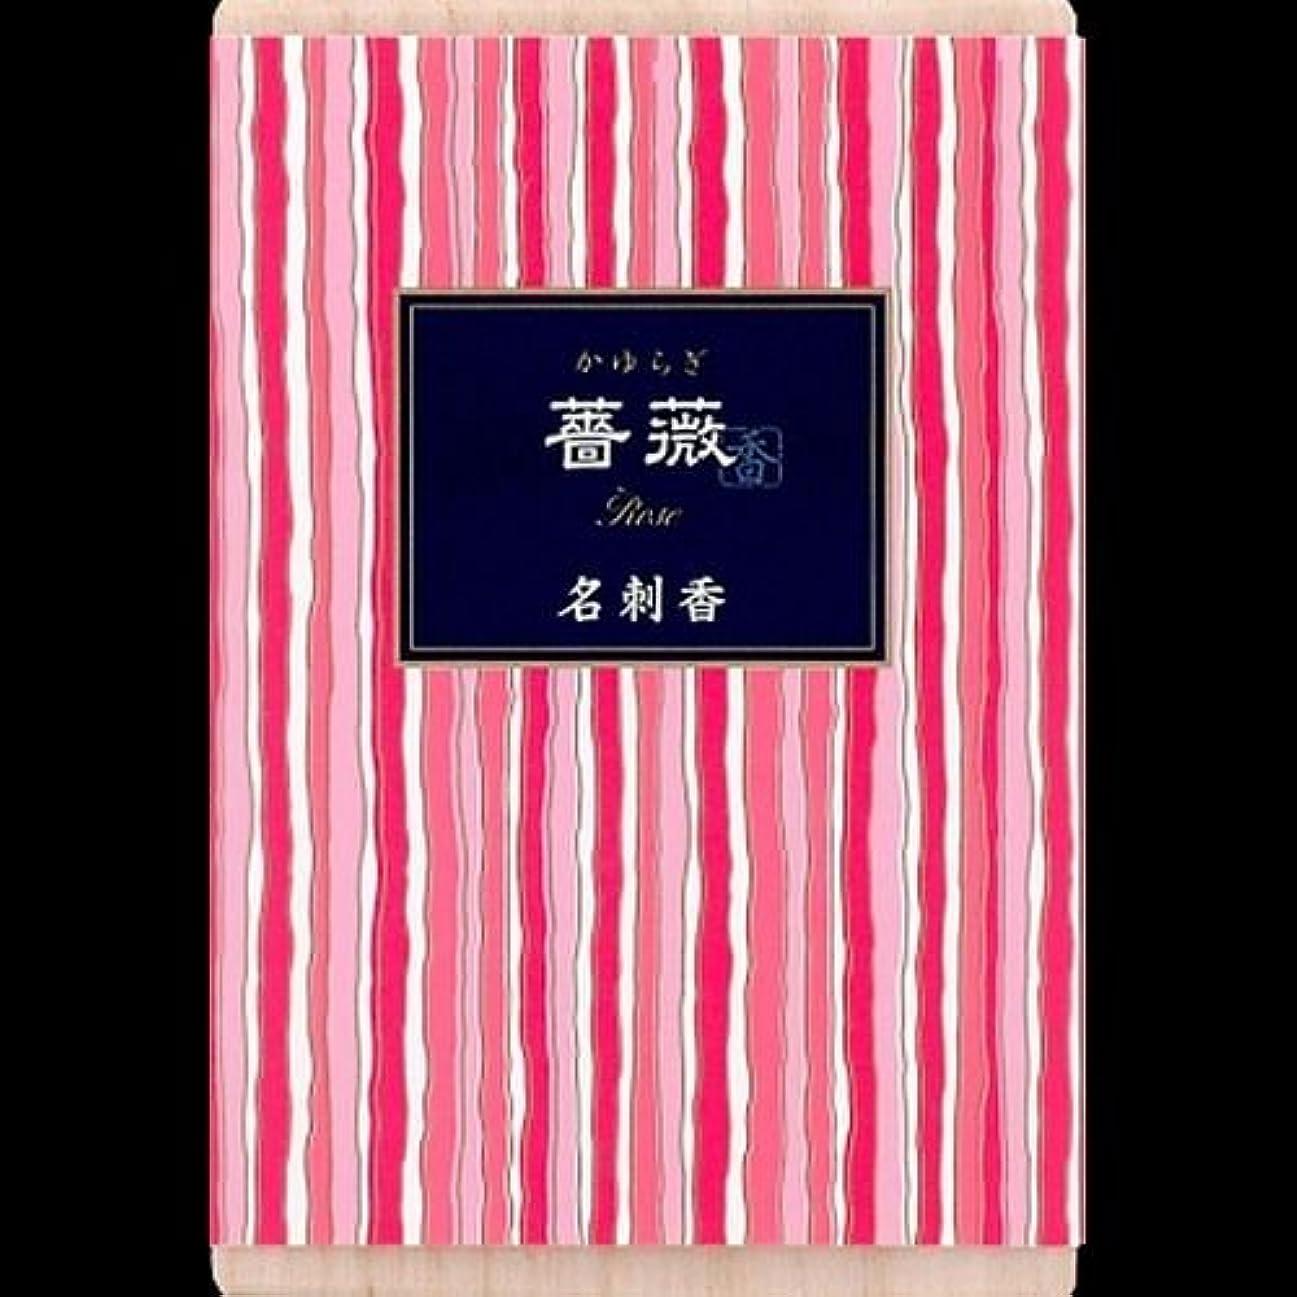 居住者救い急流【まとめ買い】かゆらぎ 薔薇 名刺香 桐箱 6入 ×2セット